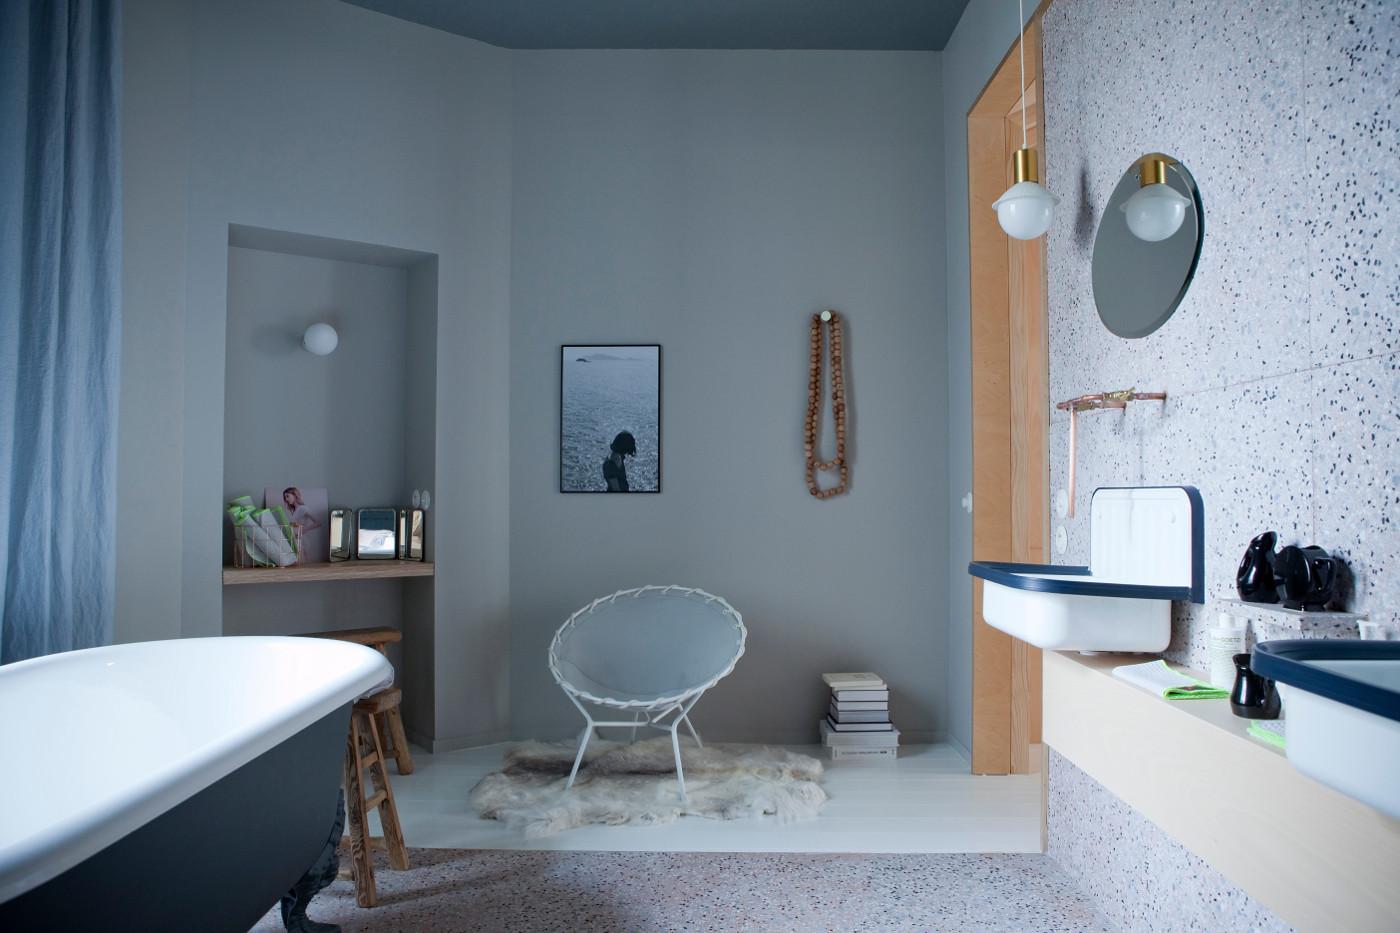 Decorare le pareti del bagno - LivingCorriere